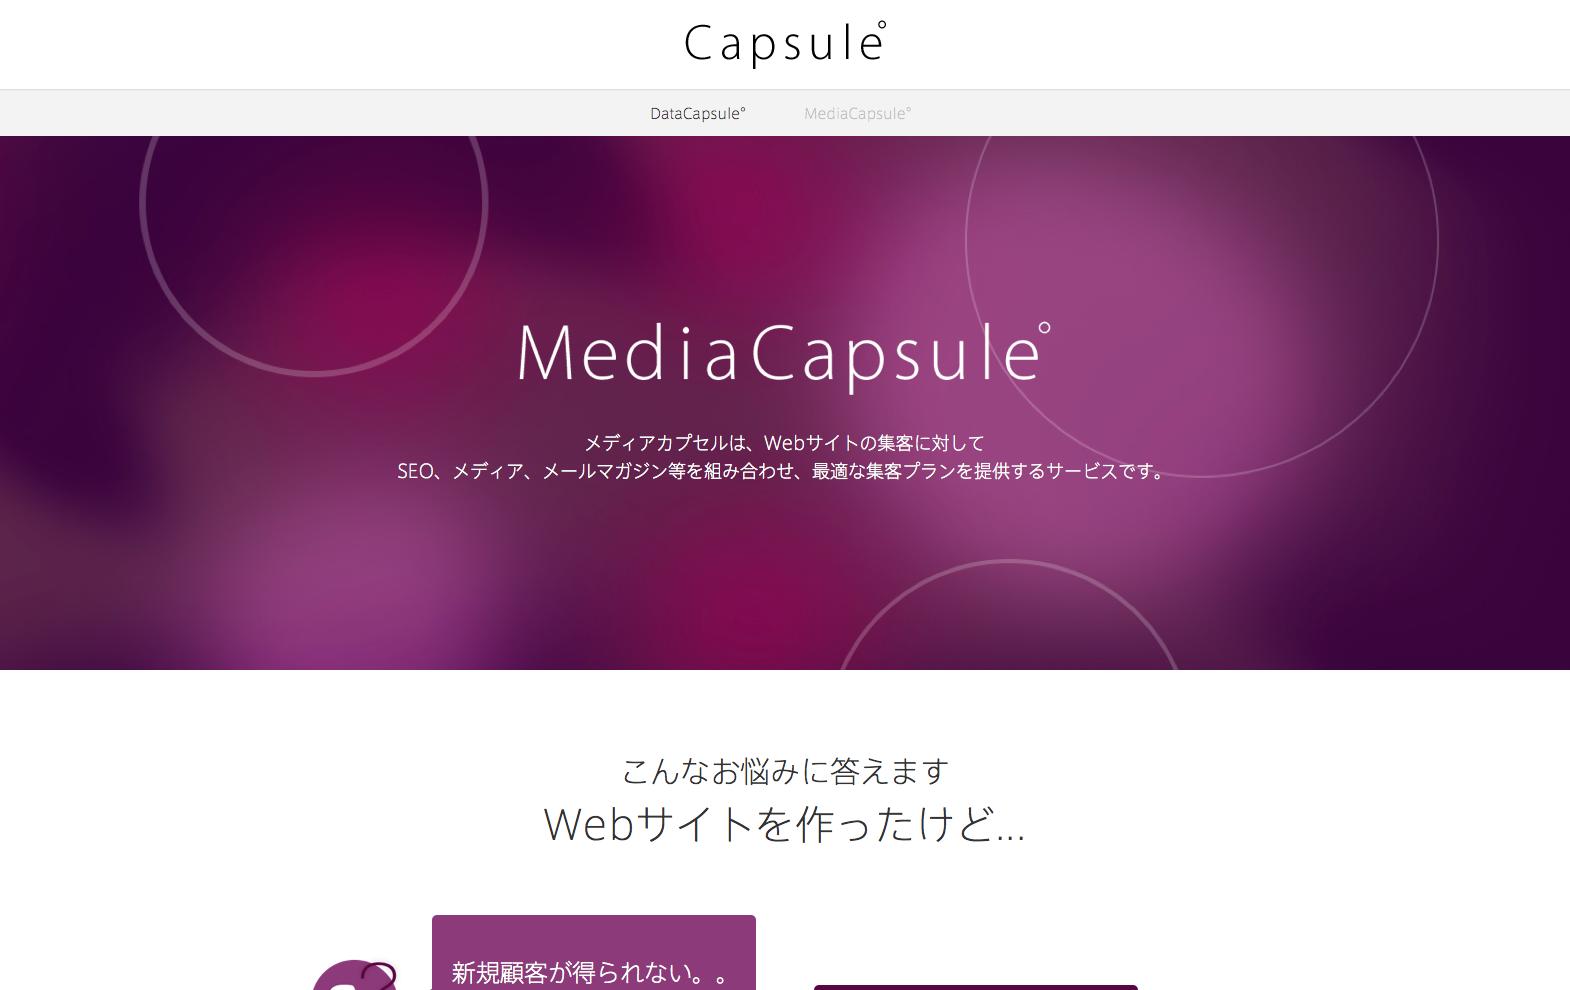 mediacapsule